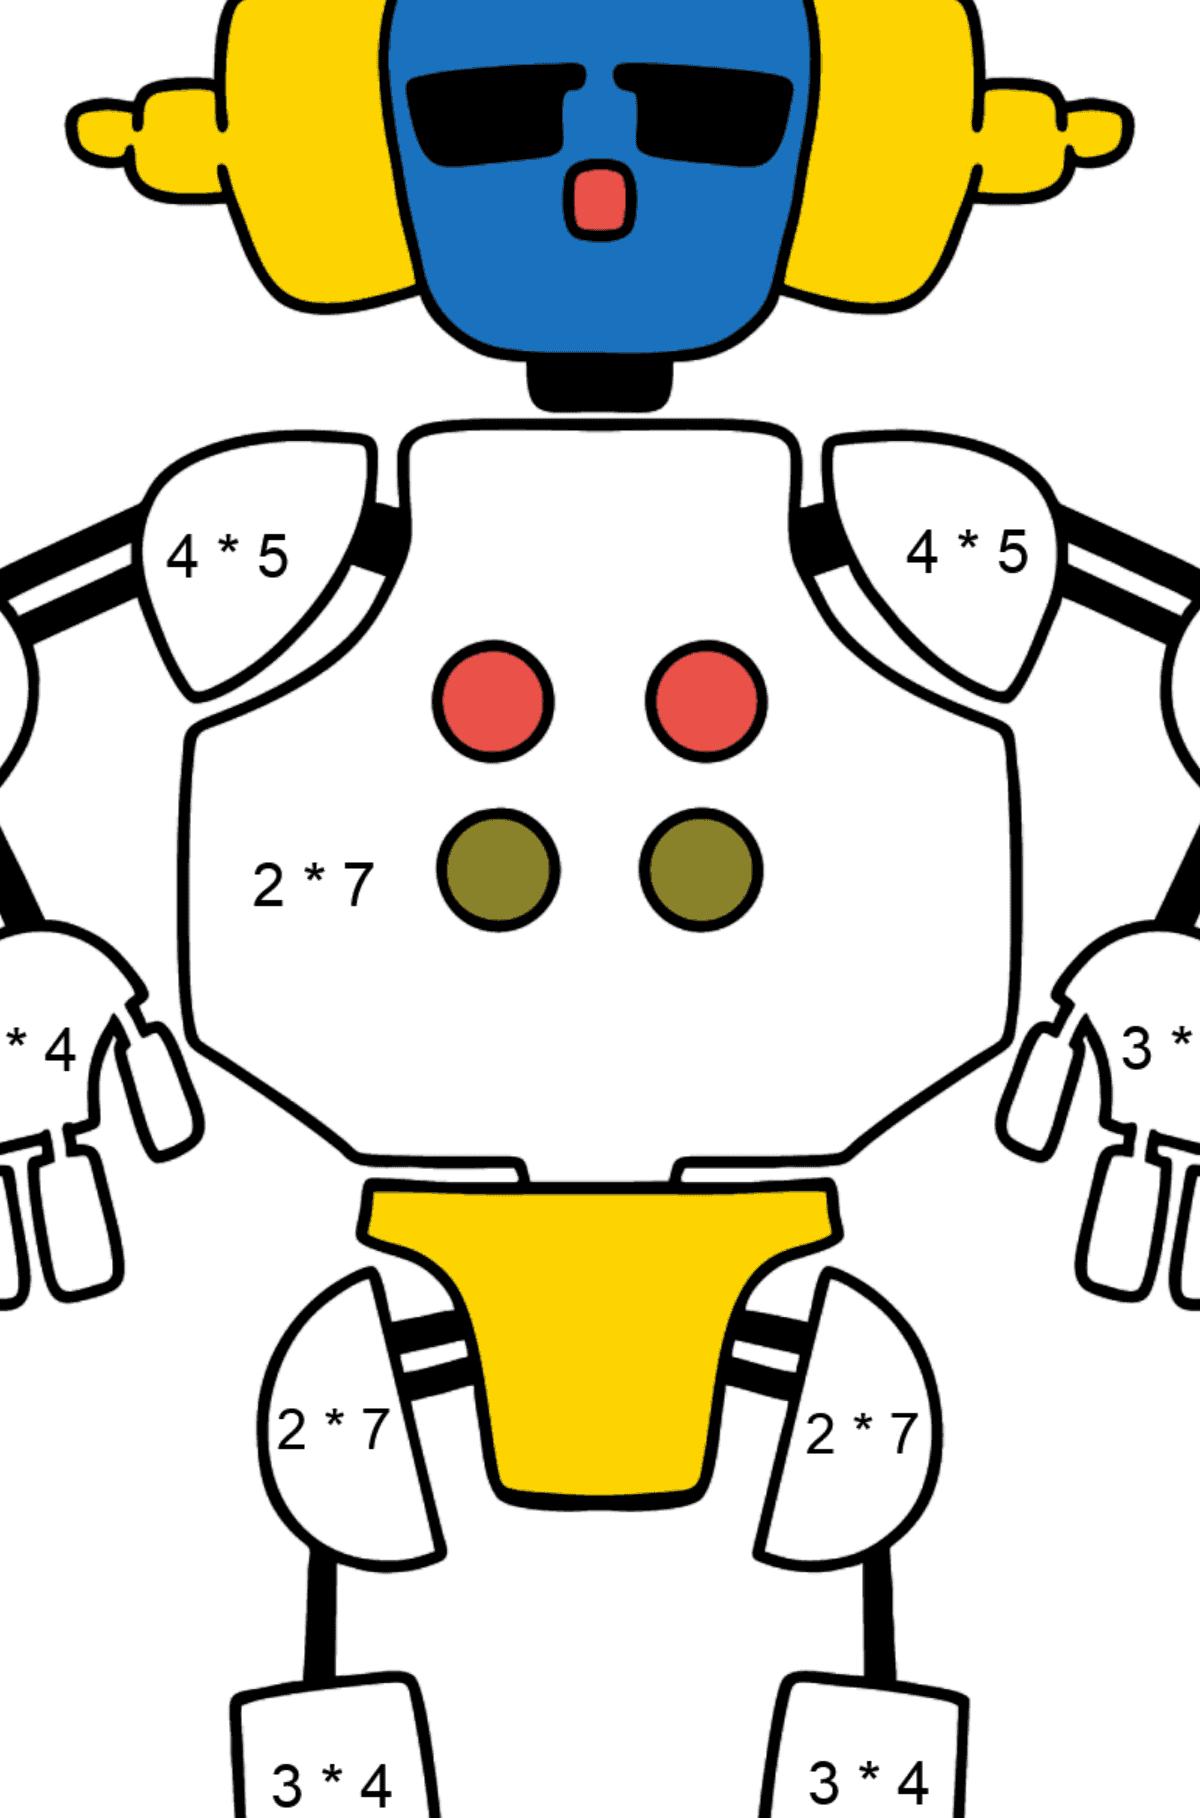 Раскраска робот в наушниках - Математическая Раскраска - Умножение для Детей